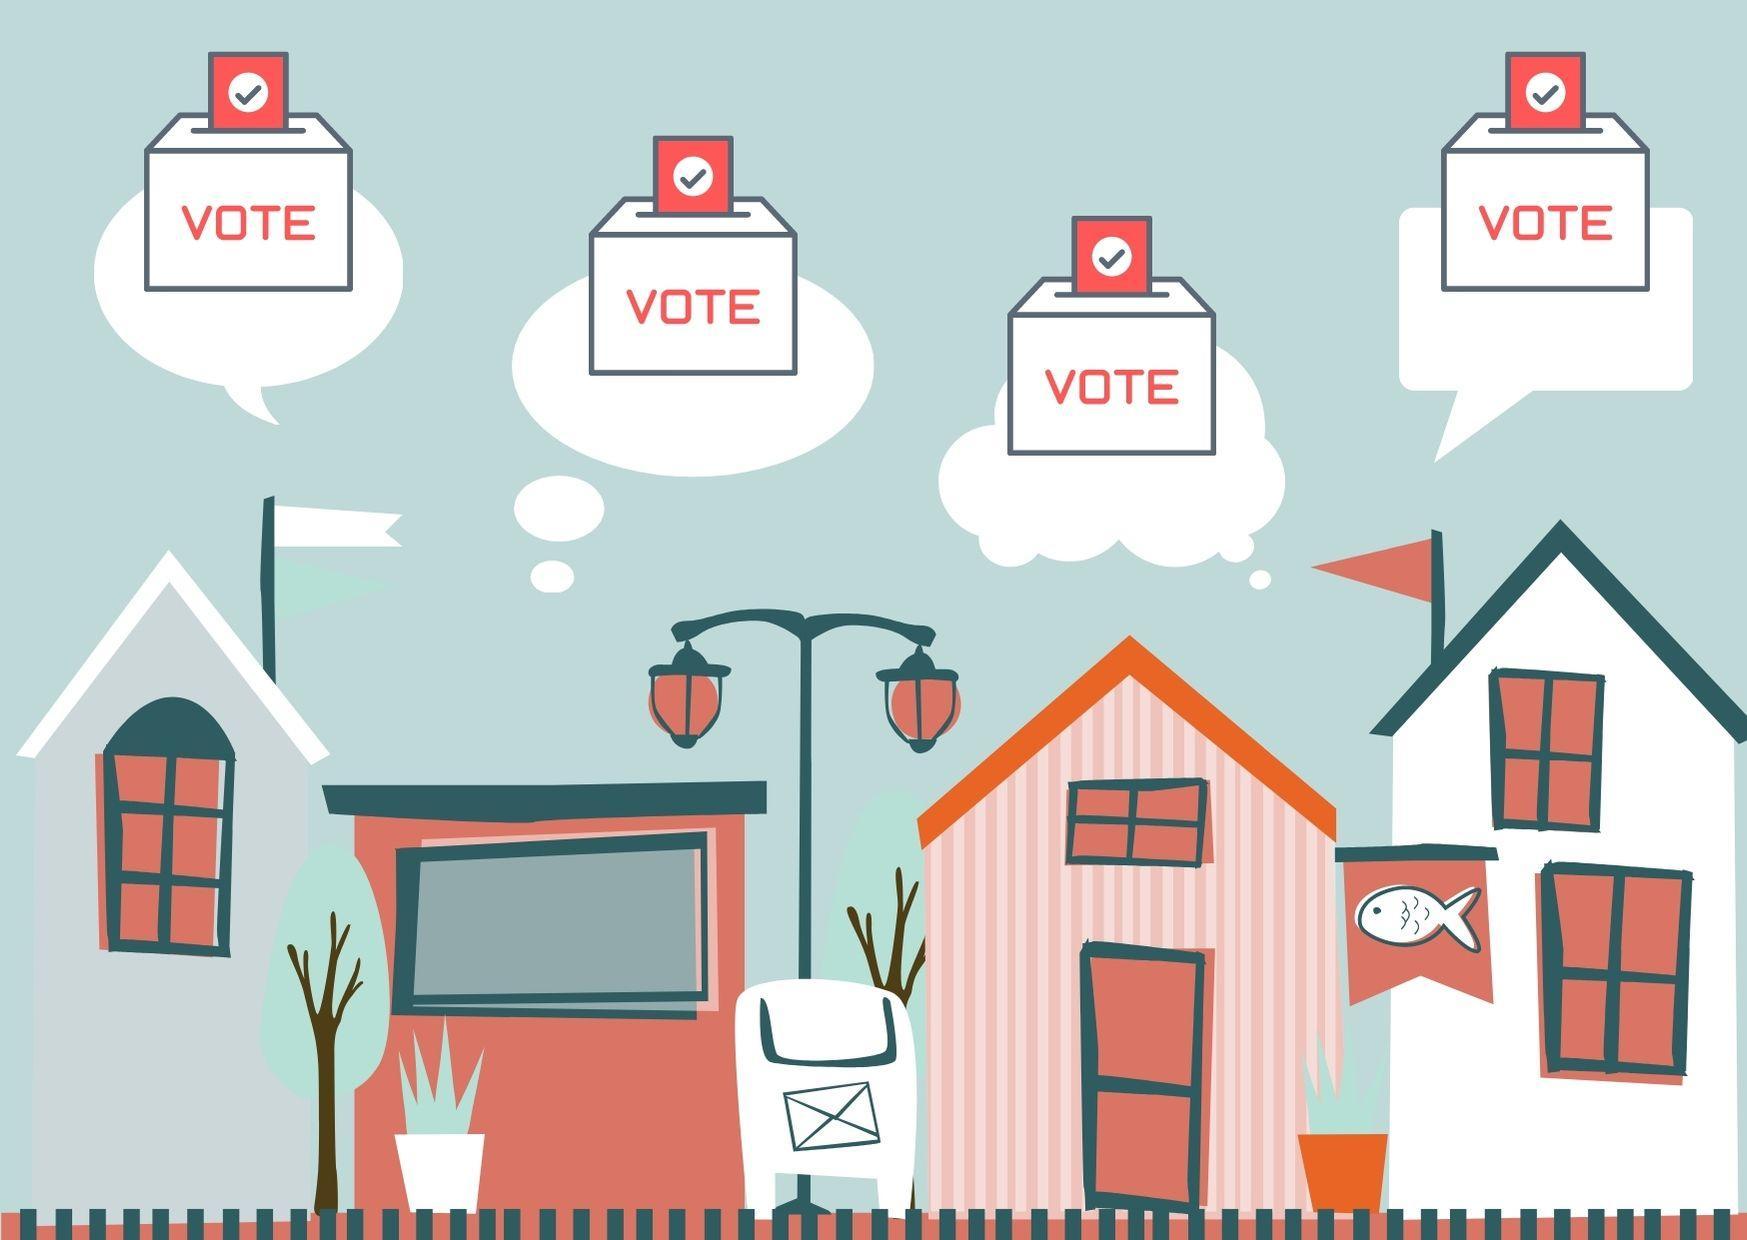 el uso de plataformas de participación ciudadana allana el camino hacia una democracia representativa